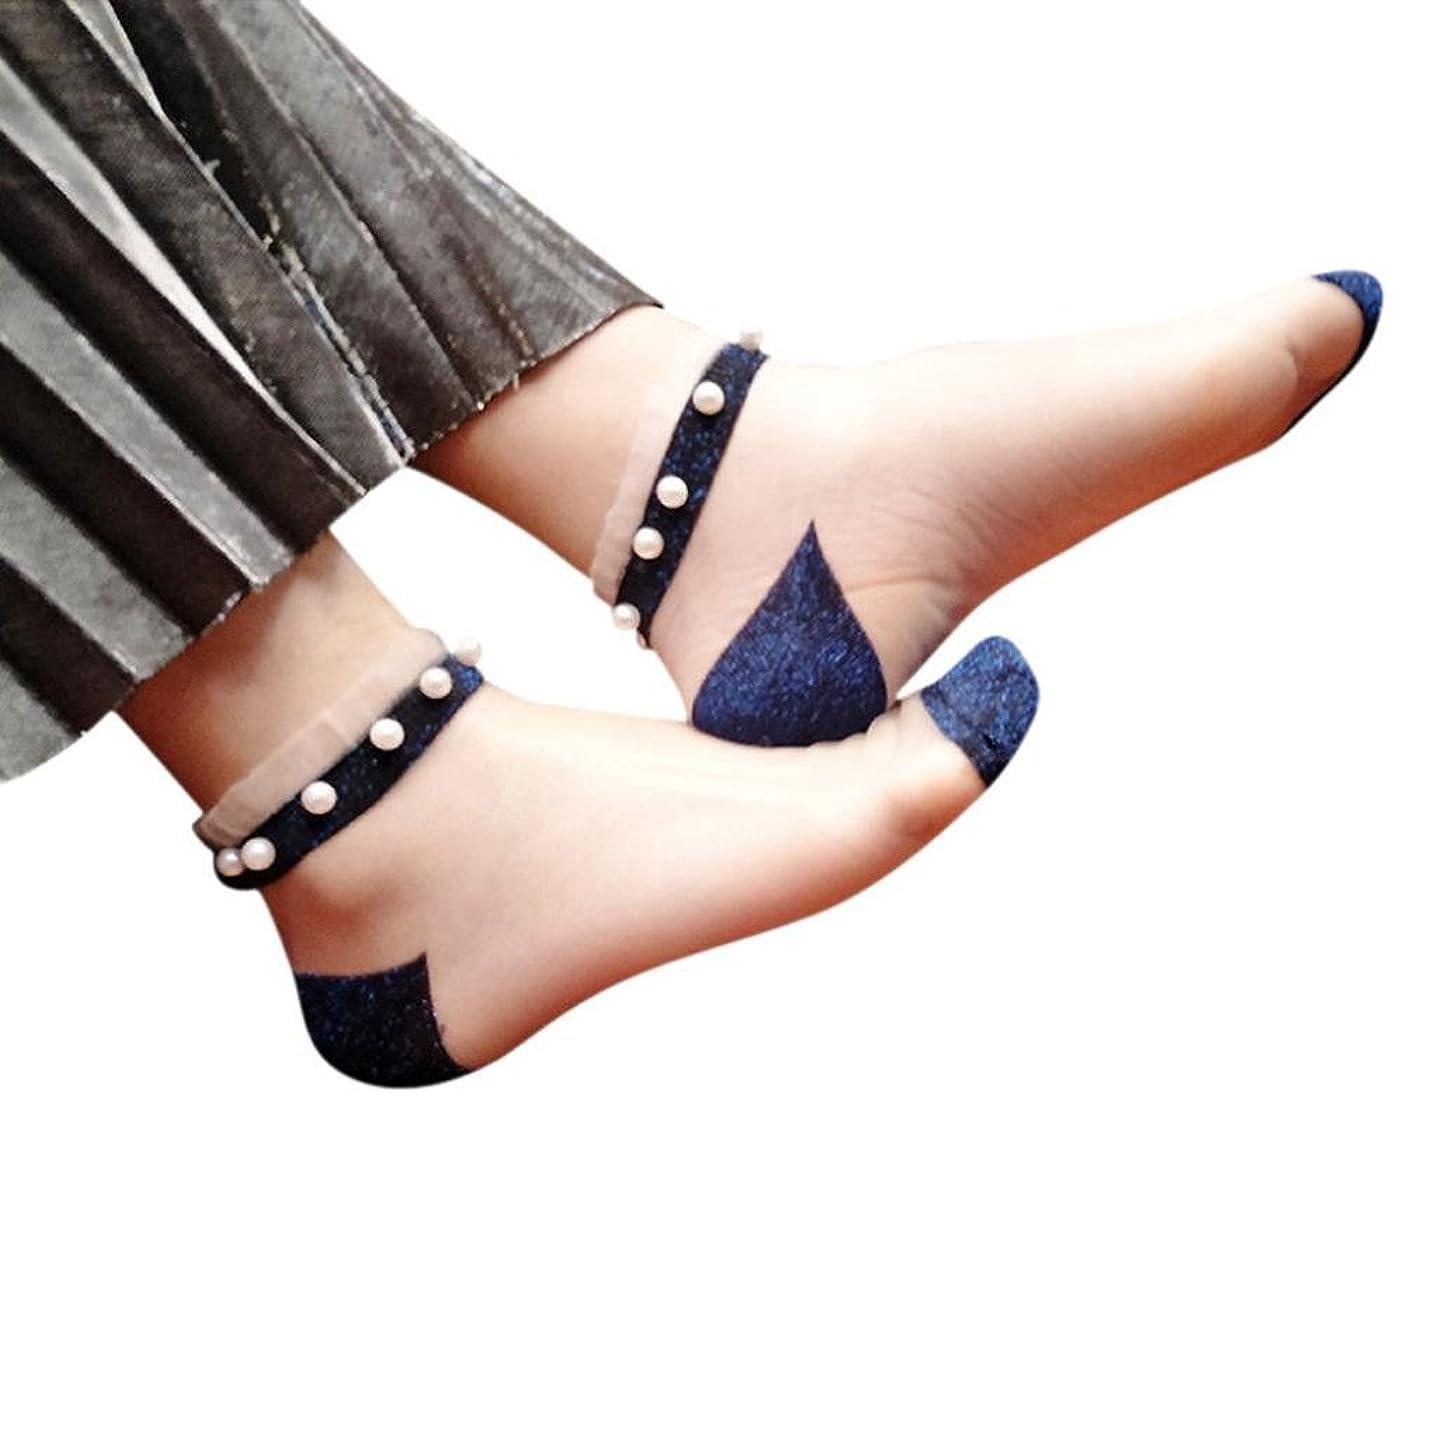 ゲージウミウシ鉄道Mhomzawa 靴下レディース ソックス レディース シースルーソックス ガラスワイヤ ステルス ソックス 象嵌真珠スリップ通気性 極薄 短型 夏用 おしゃれ 超可愛い